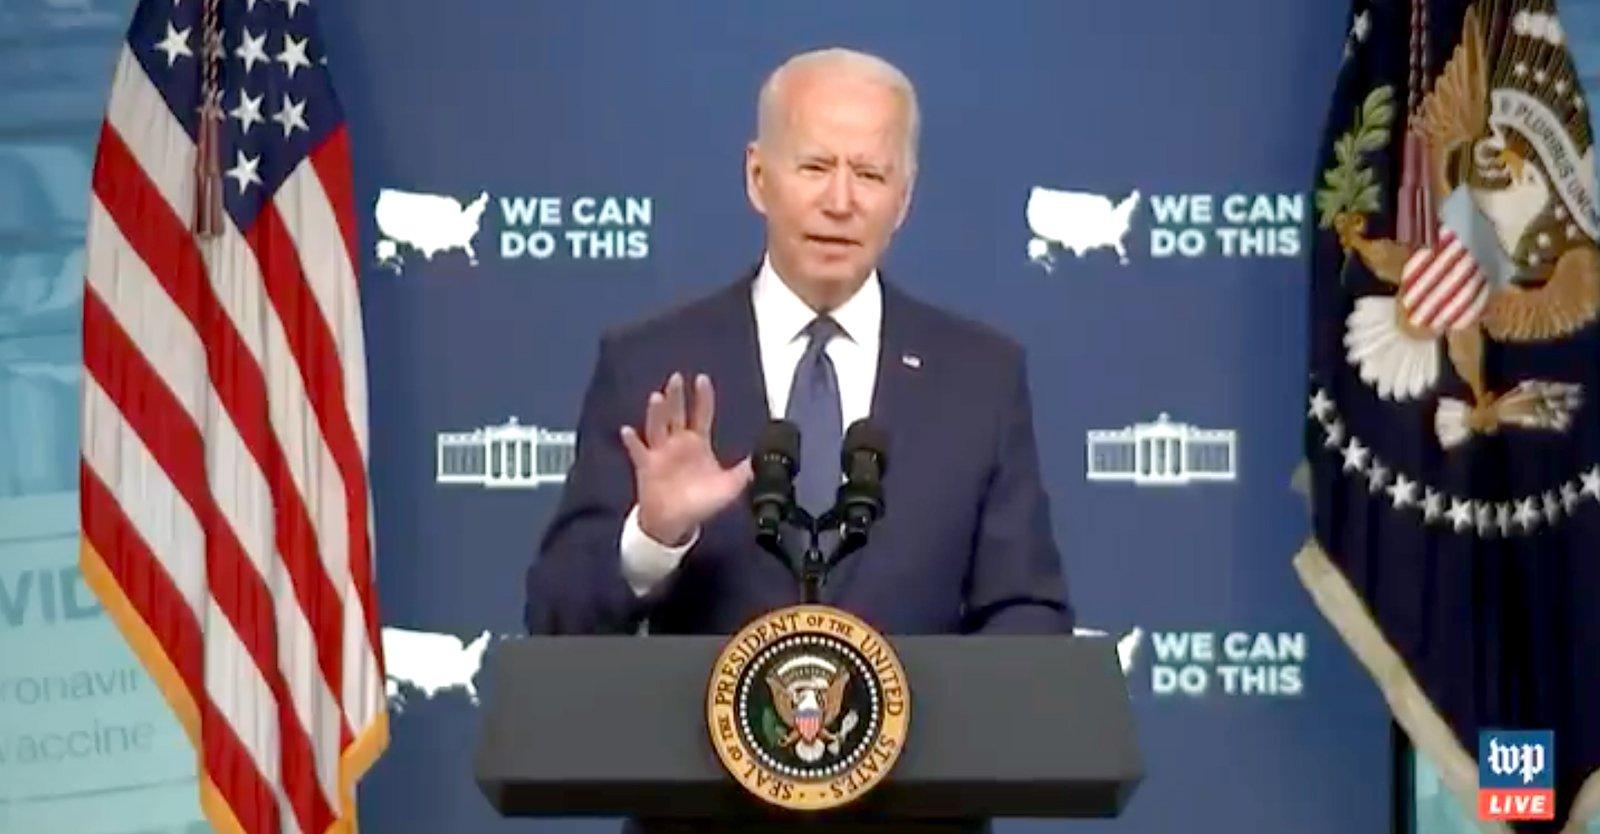 Biden's Plan to Deploy Federal Teams in Door-to-Door COVID Vaccine Campaign  Sparks Backlash • Children's Health Defense